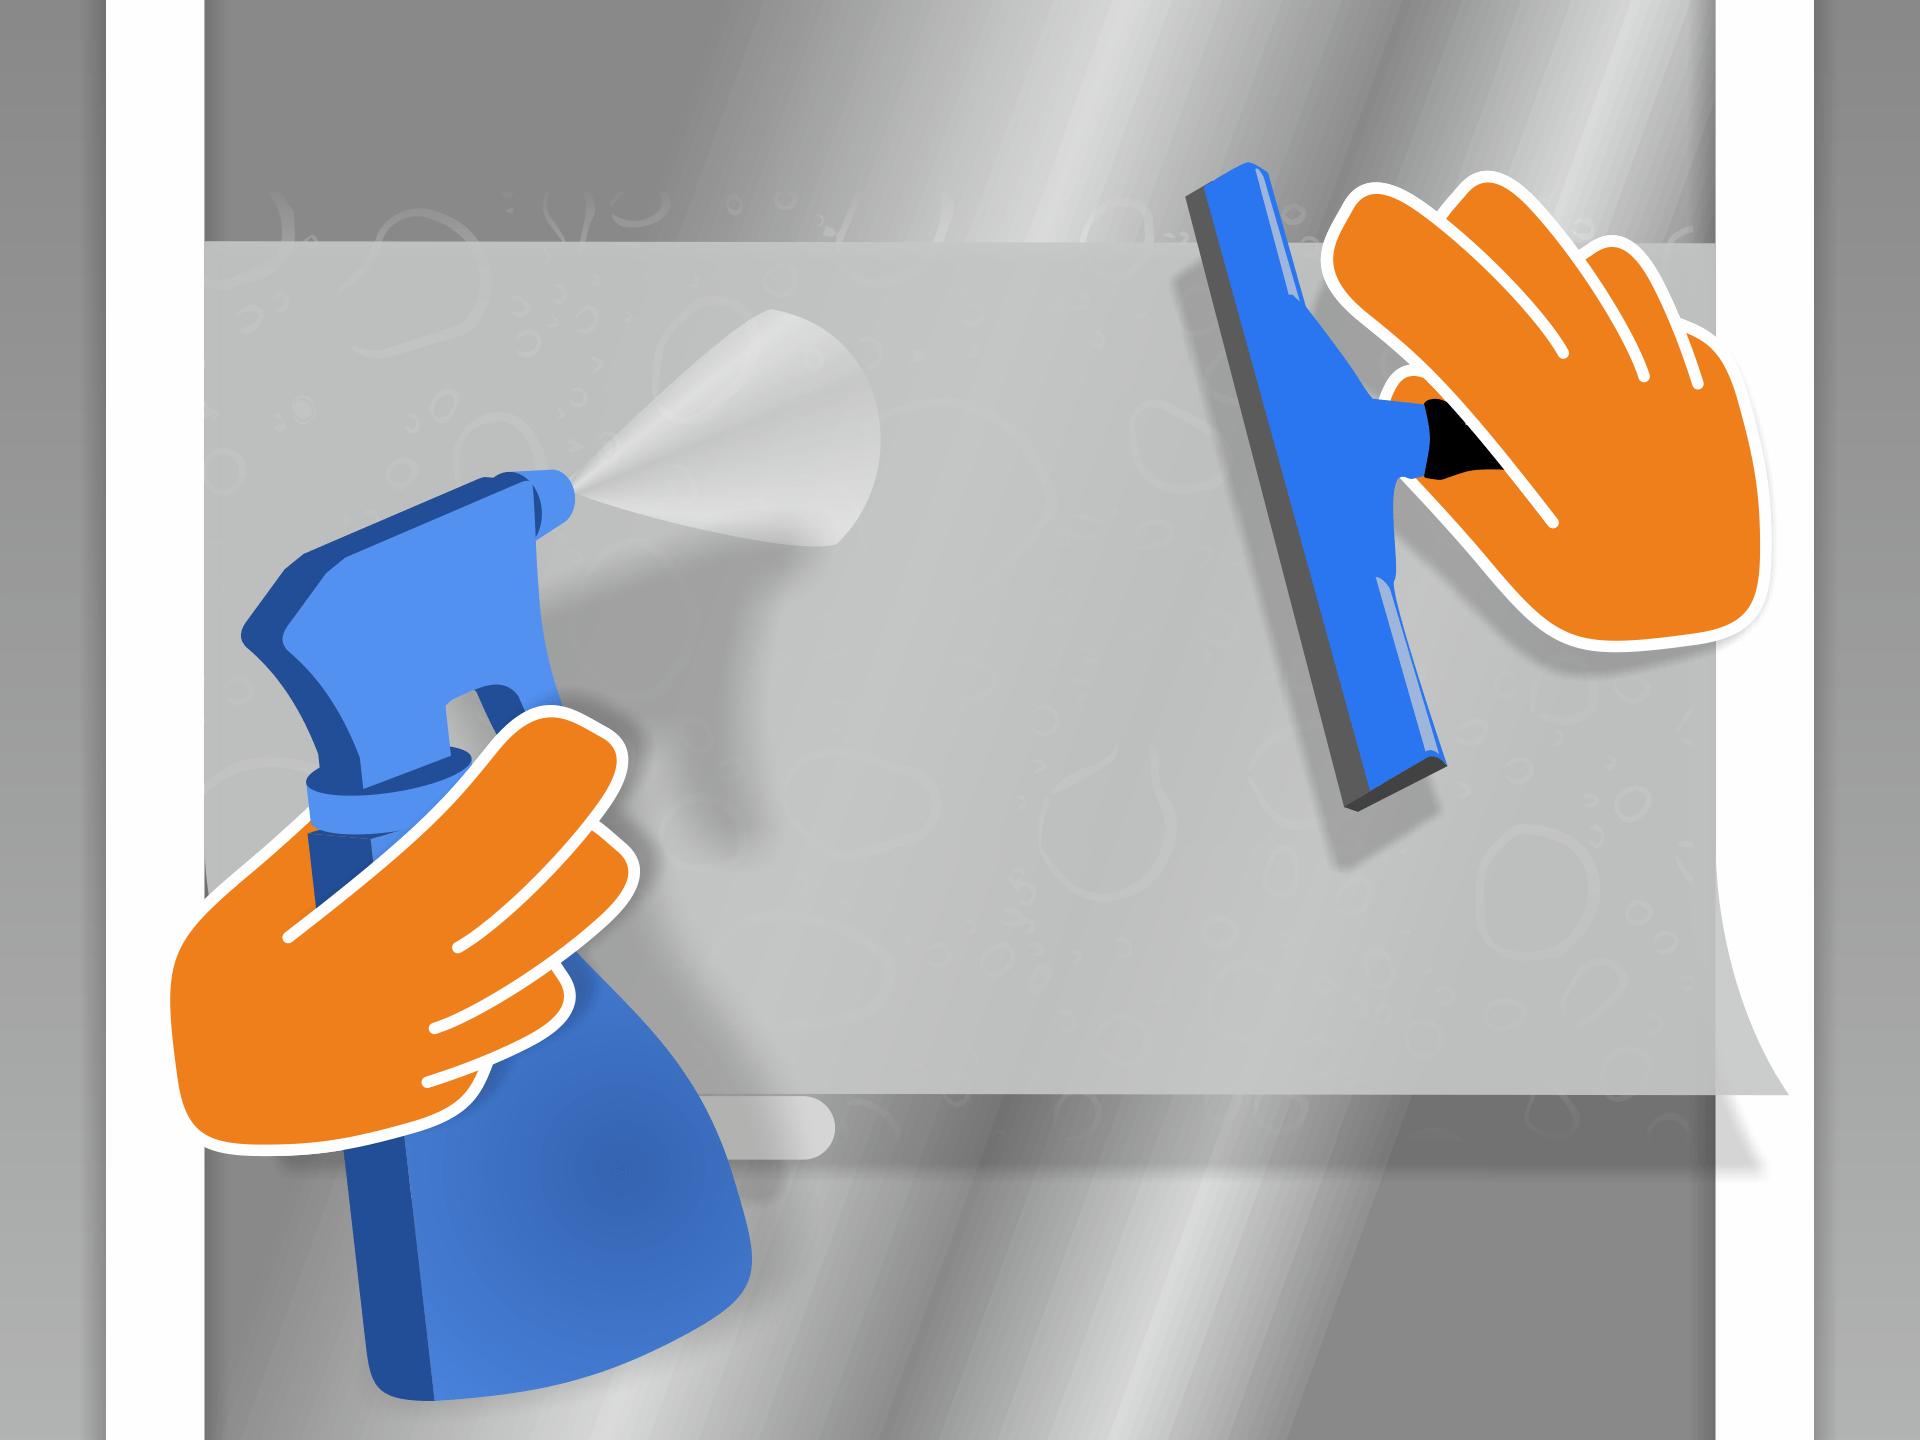 """Jetzt die Folie mit der Klebeseite zum Glas gerichtet auflegen. Die Folie """"schwimmt"""" nun auf dem Glas und kann positioniert werden. Auch die Oberfläche leicht besprühen. So gleitet die Gummilippe besser. Mit ihr streichst Du das Wasser unter der Folie von der Mitte zum Rand hin aus."""